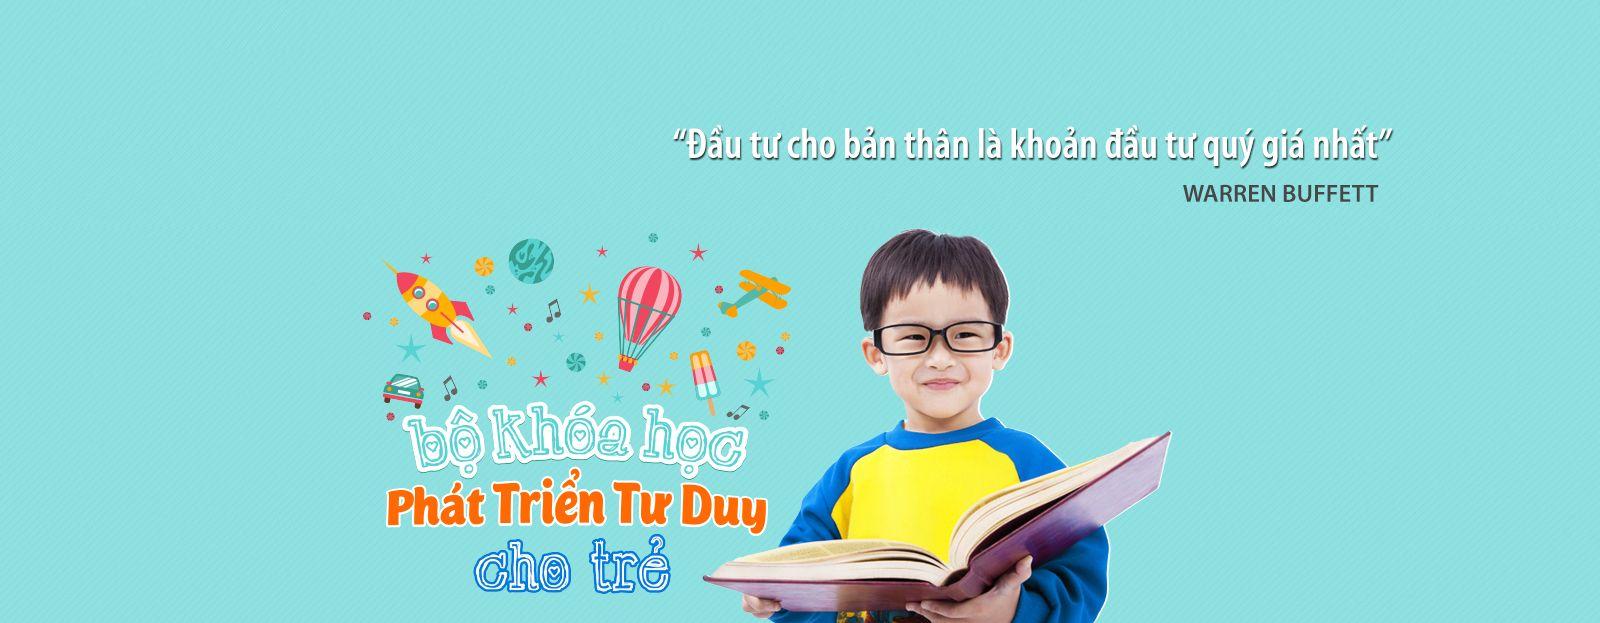 Khóa học phát triển tư duy trẻ - Kina.vn